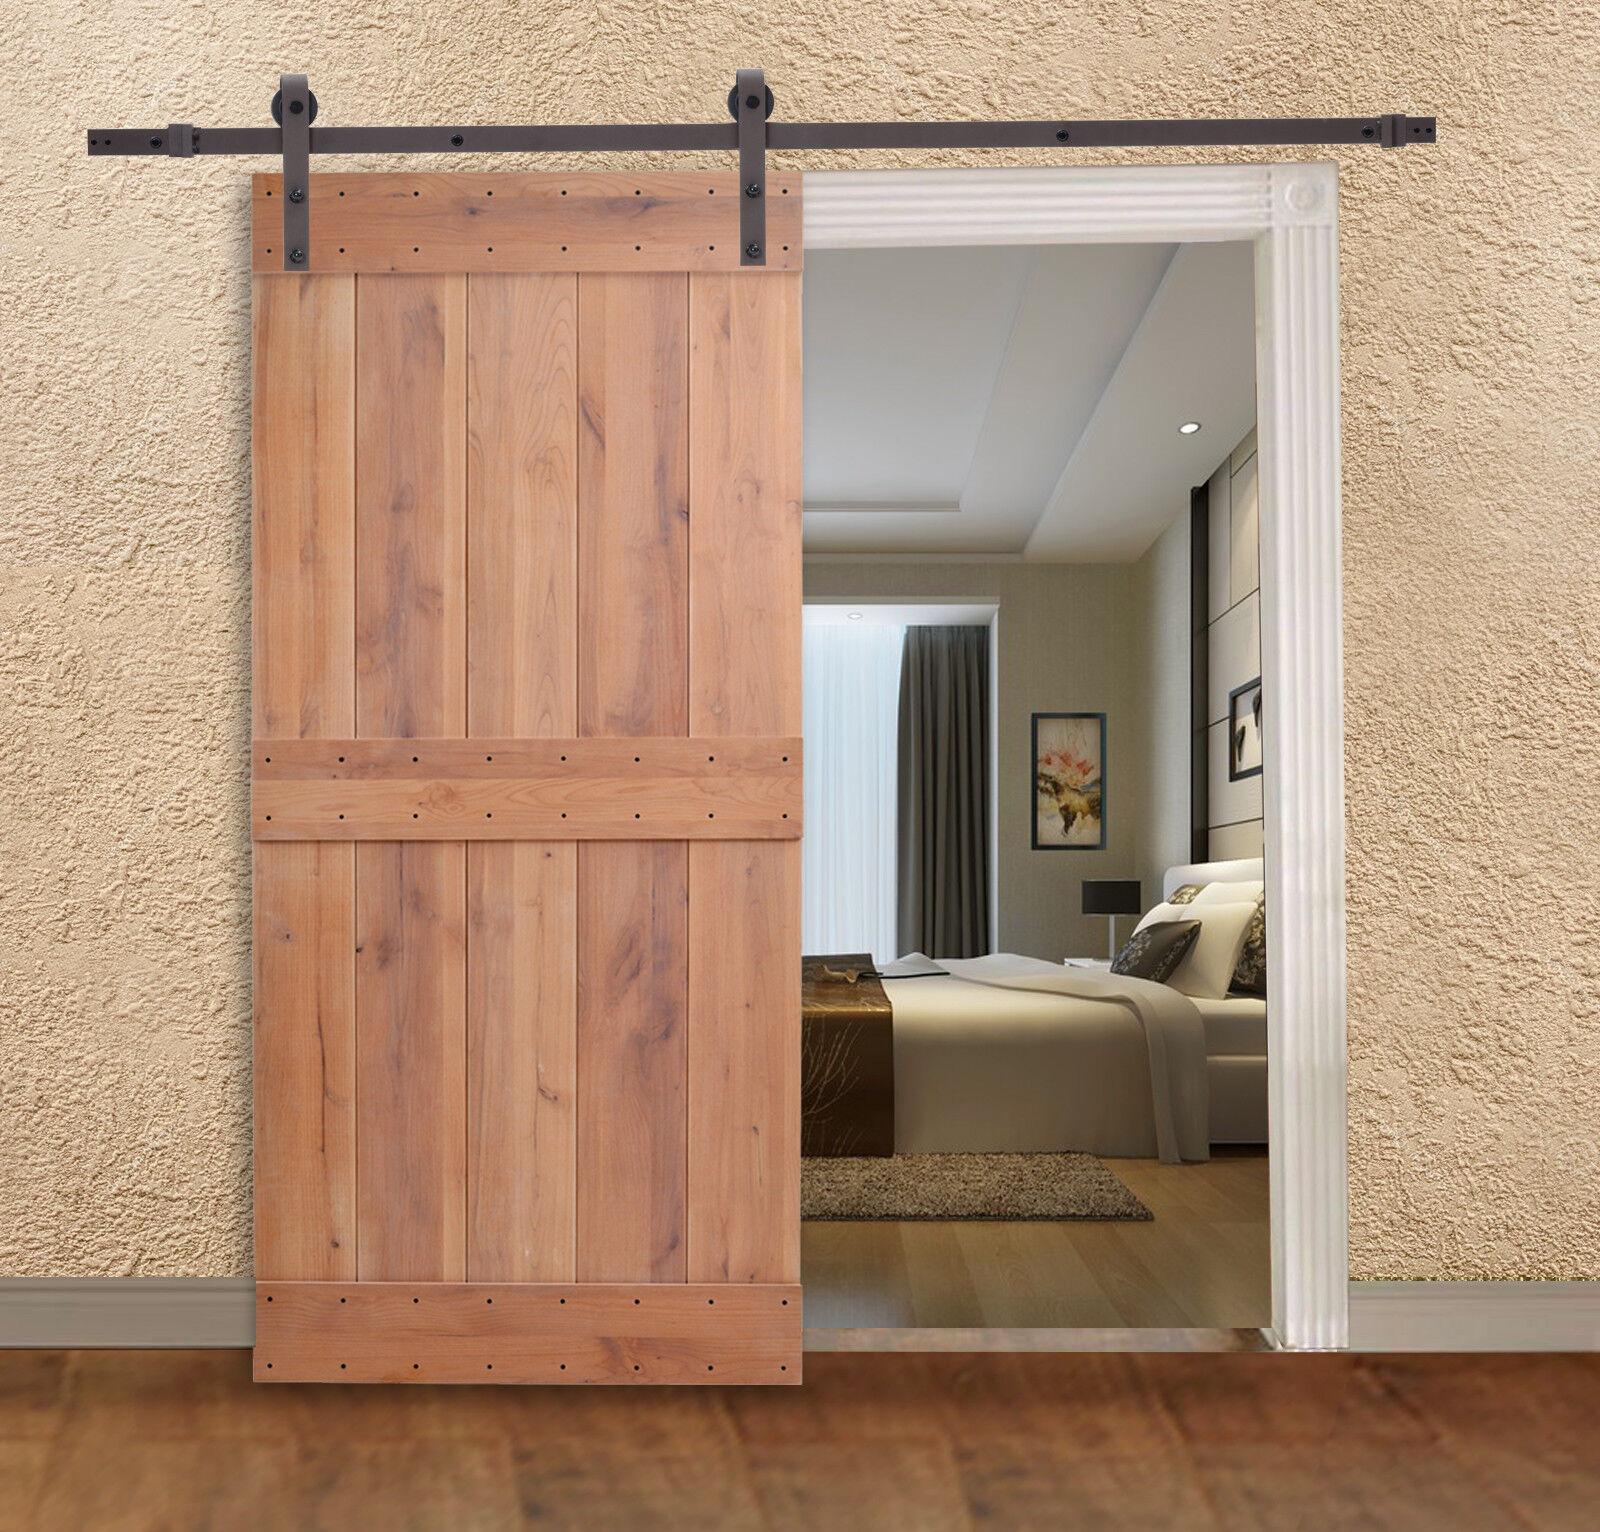 Knotty Alder Natural Primed Interior Barn Door with Sliding Hardware Track Set  eBay